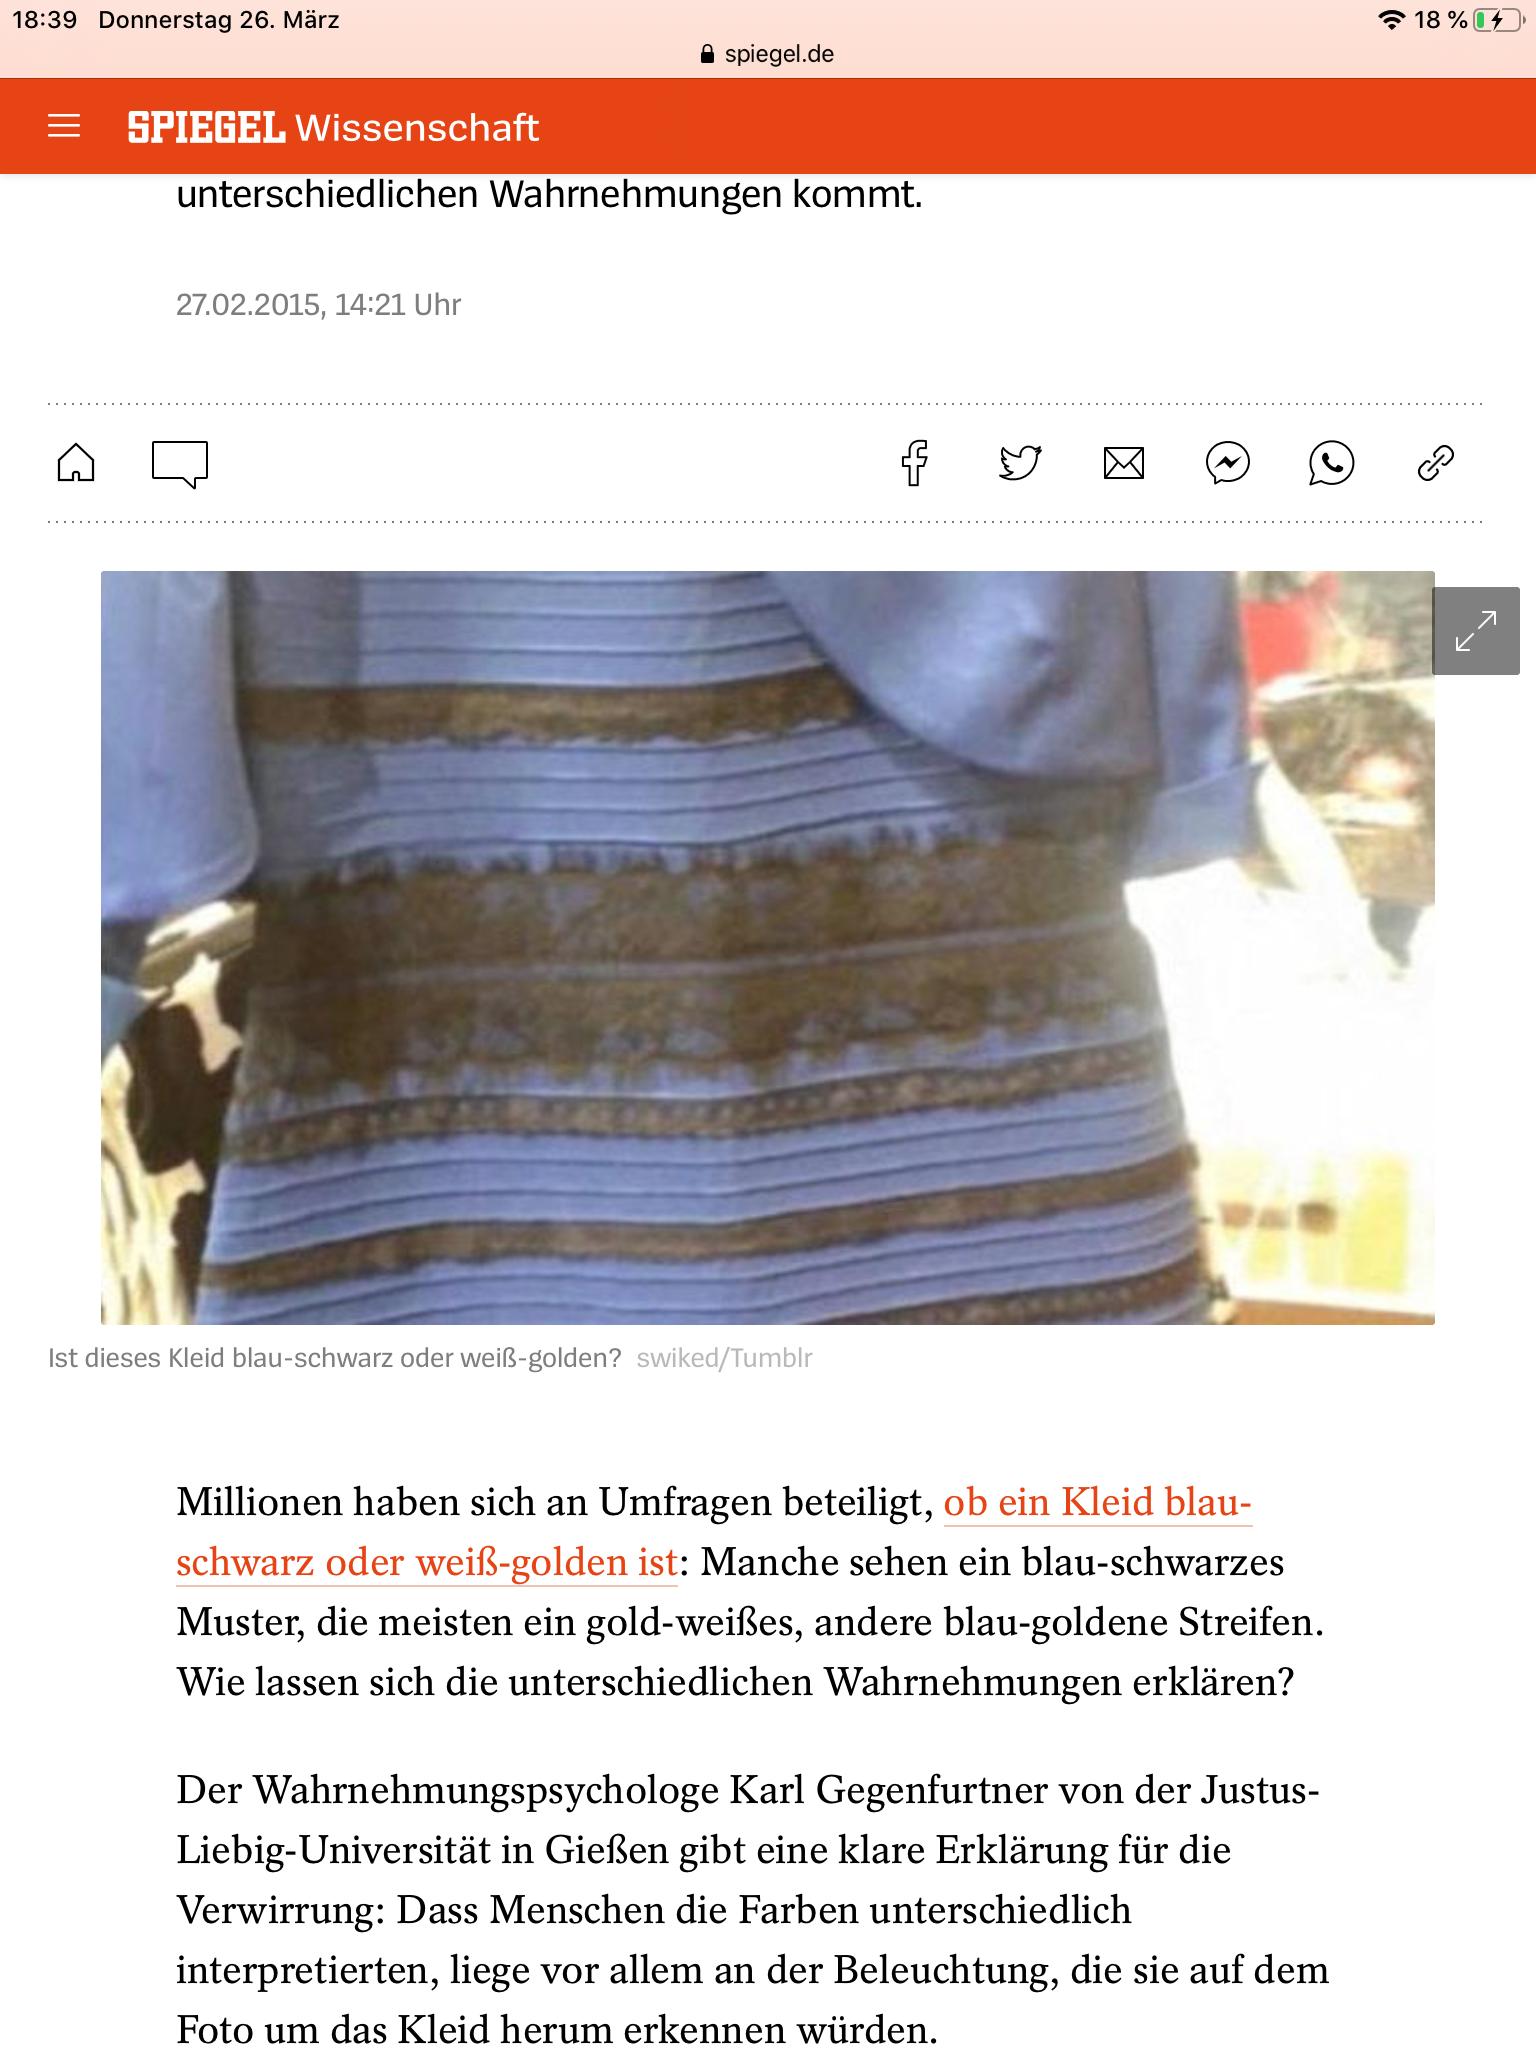 welche farben sehr ihr? (umfrage, abstimmung, augen)